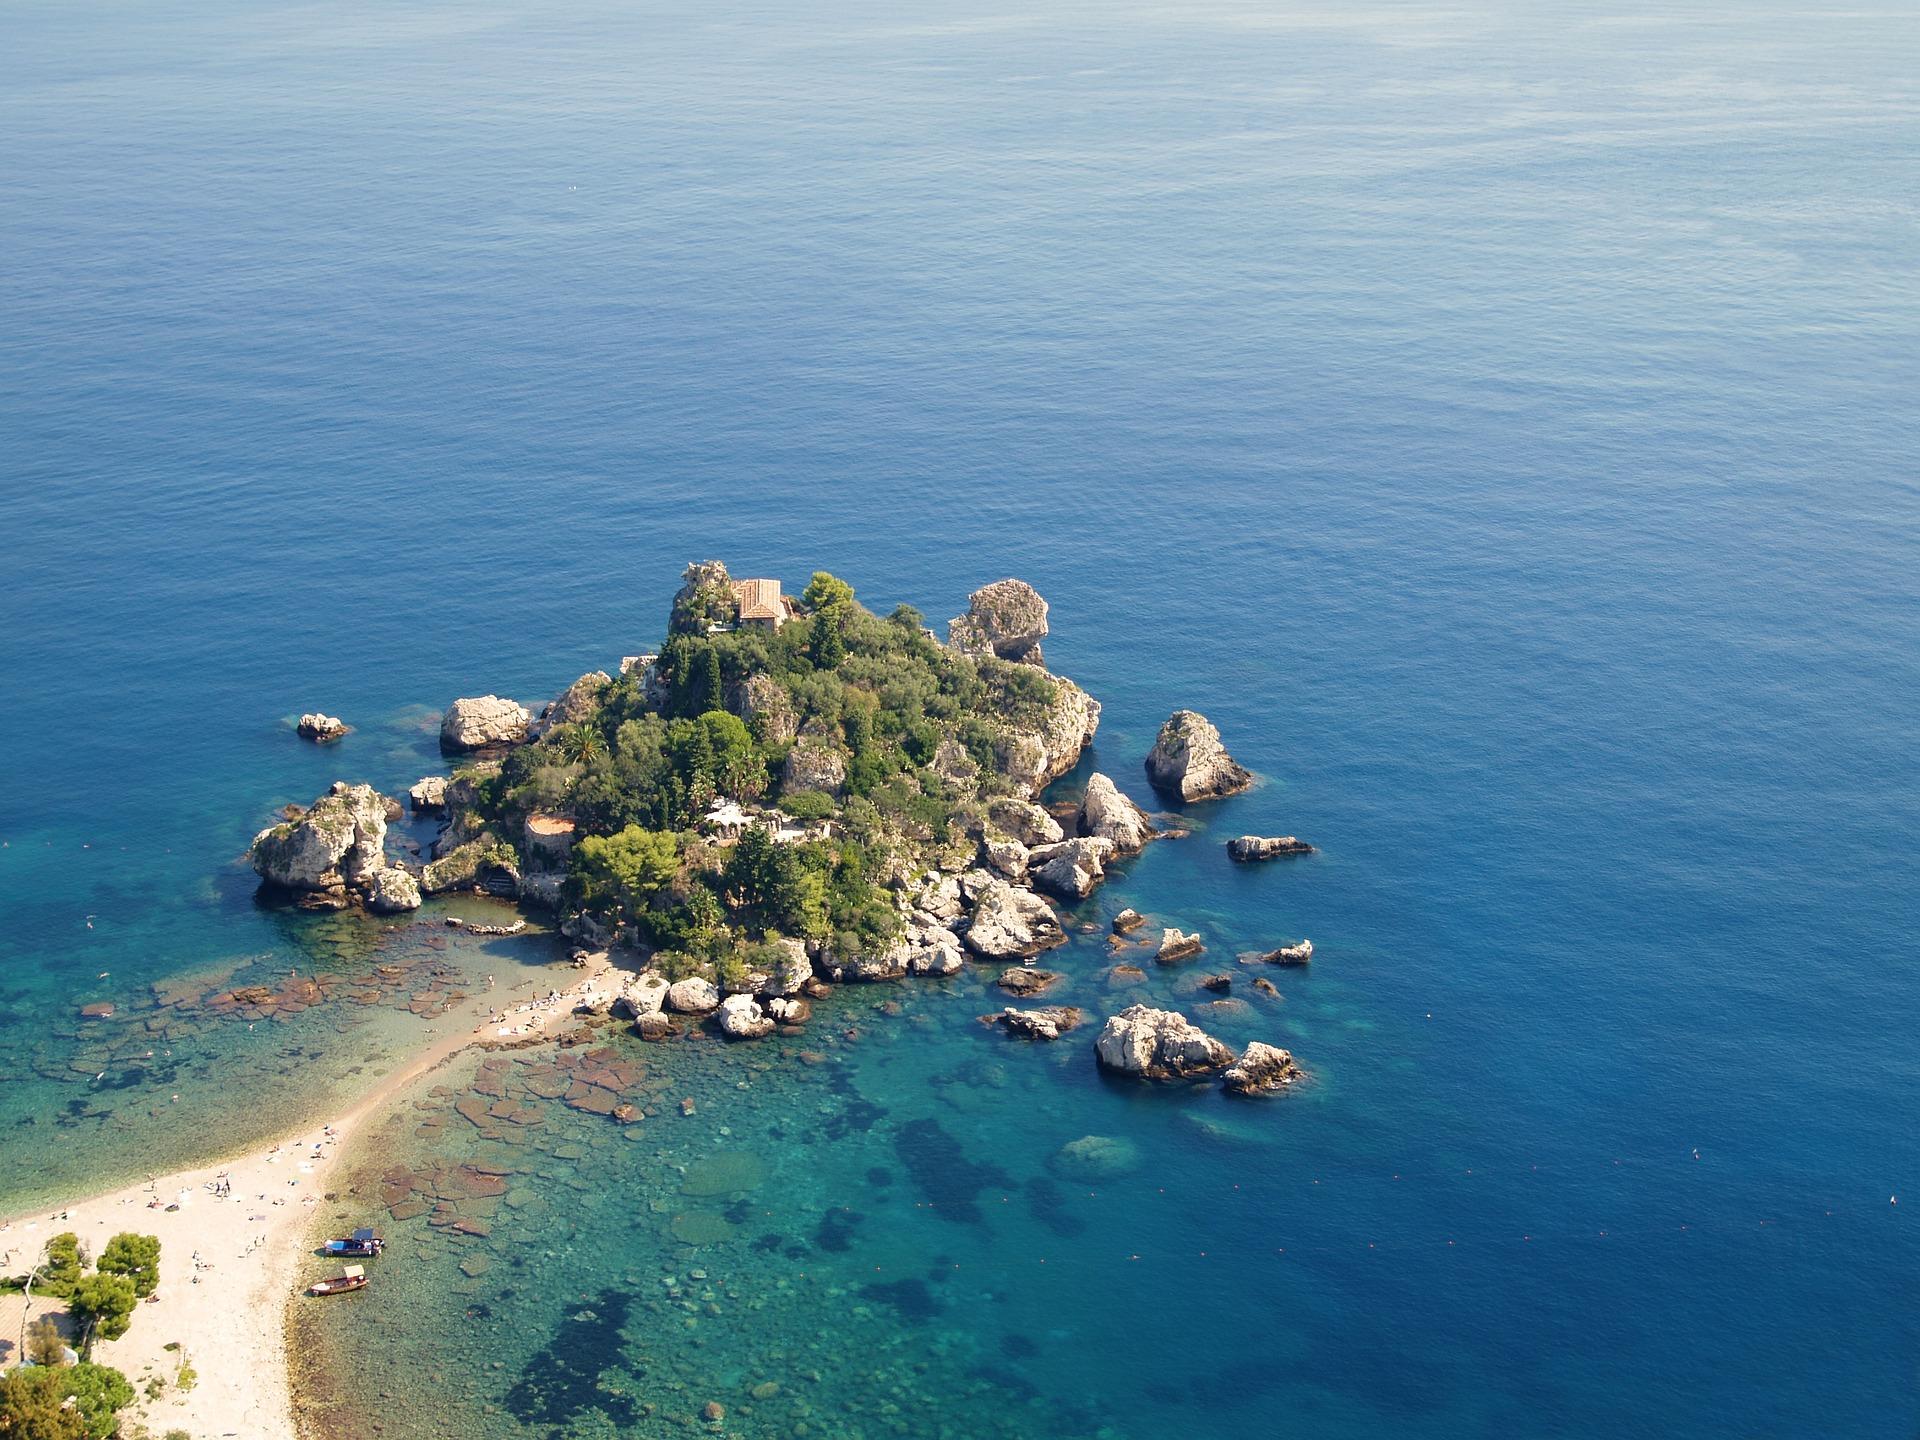 Isola Bella in Taormina in Sicily, Italy